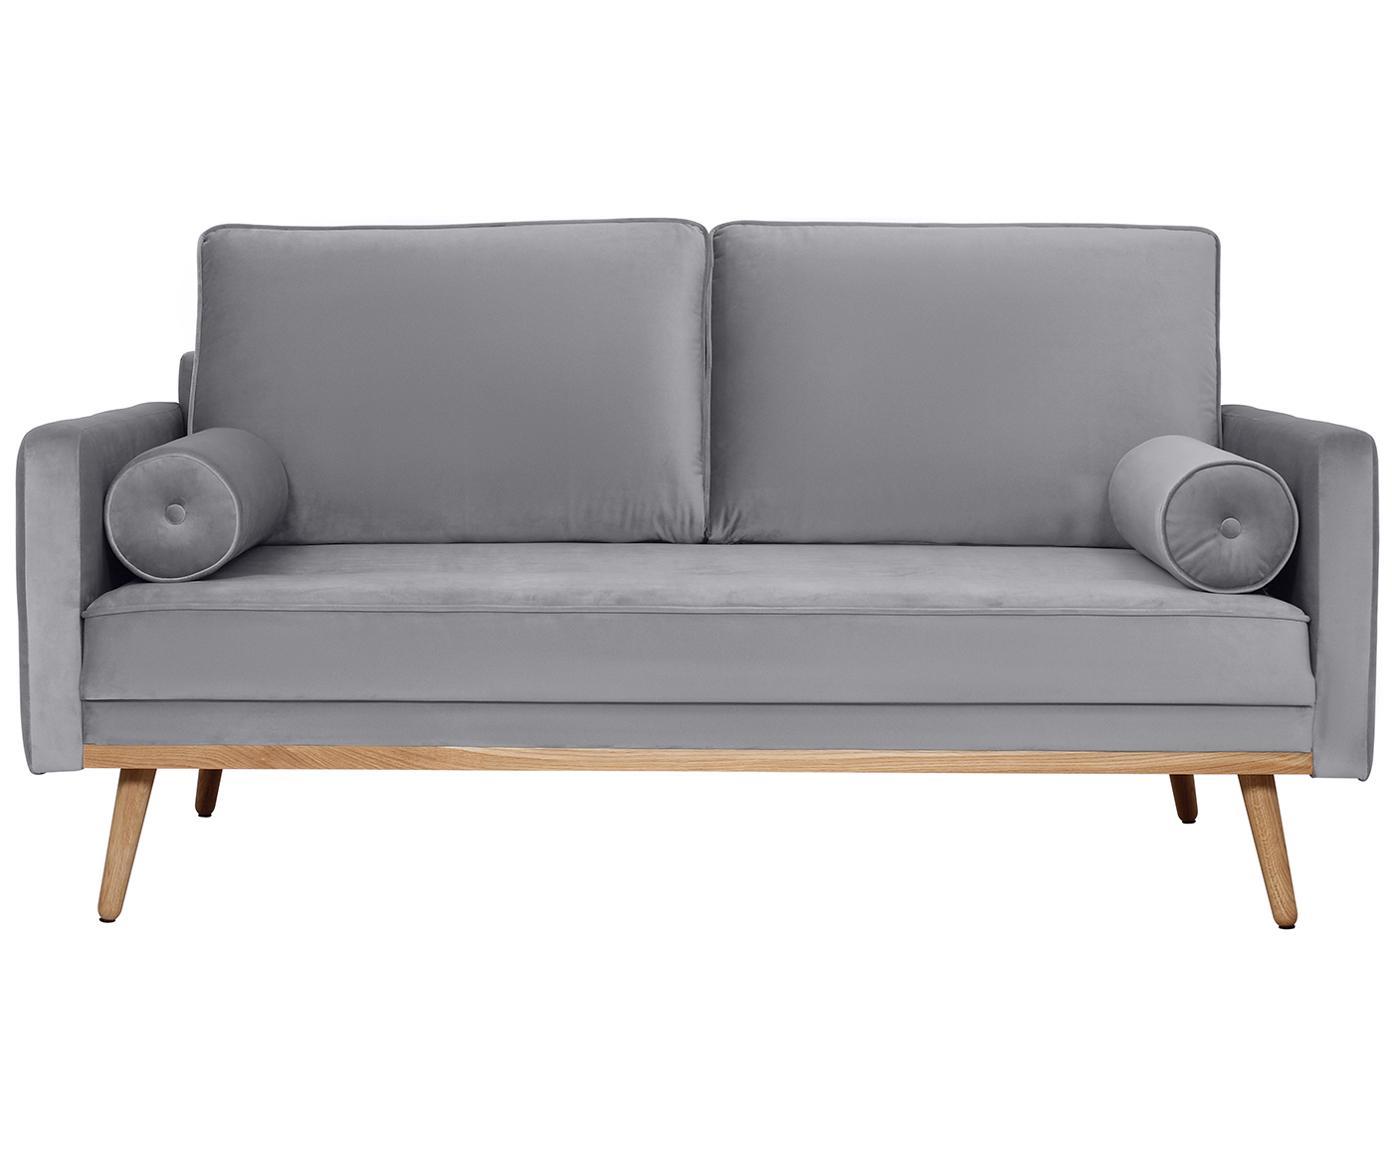 Sofa z aksamitu Saint (2-osobowa), Tapicerka: aksamit (poliester) 3500, Stelaż: lite drewno sosnowe, płyt, Aksamitny szary, S 169 x G 87 cm